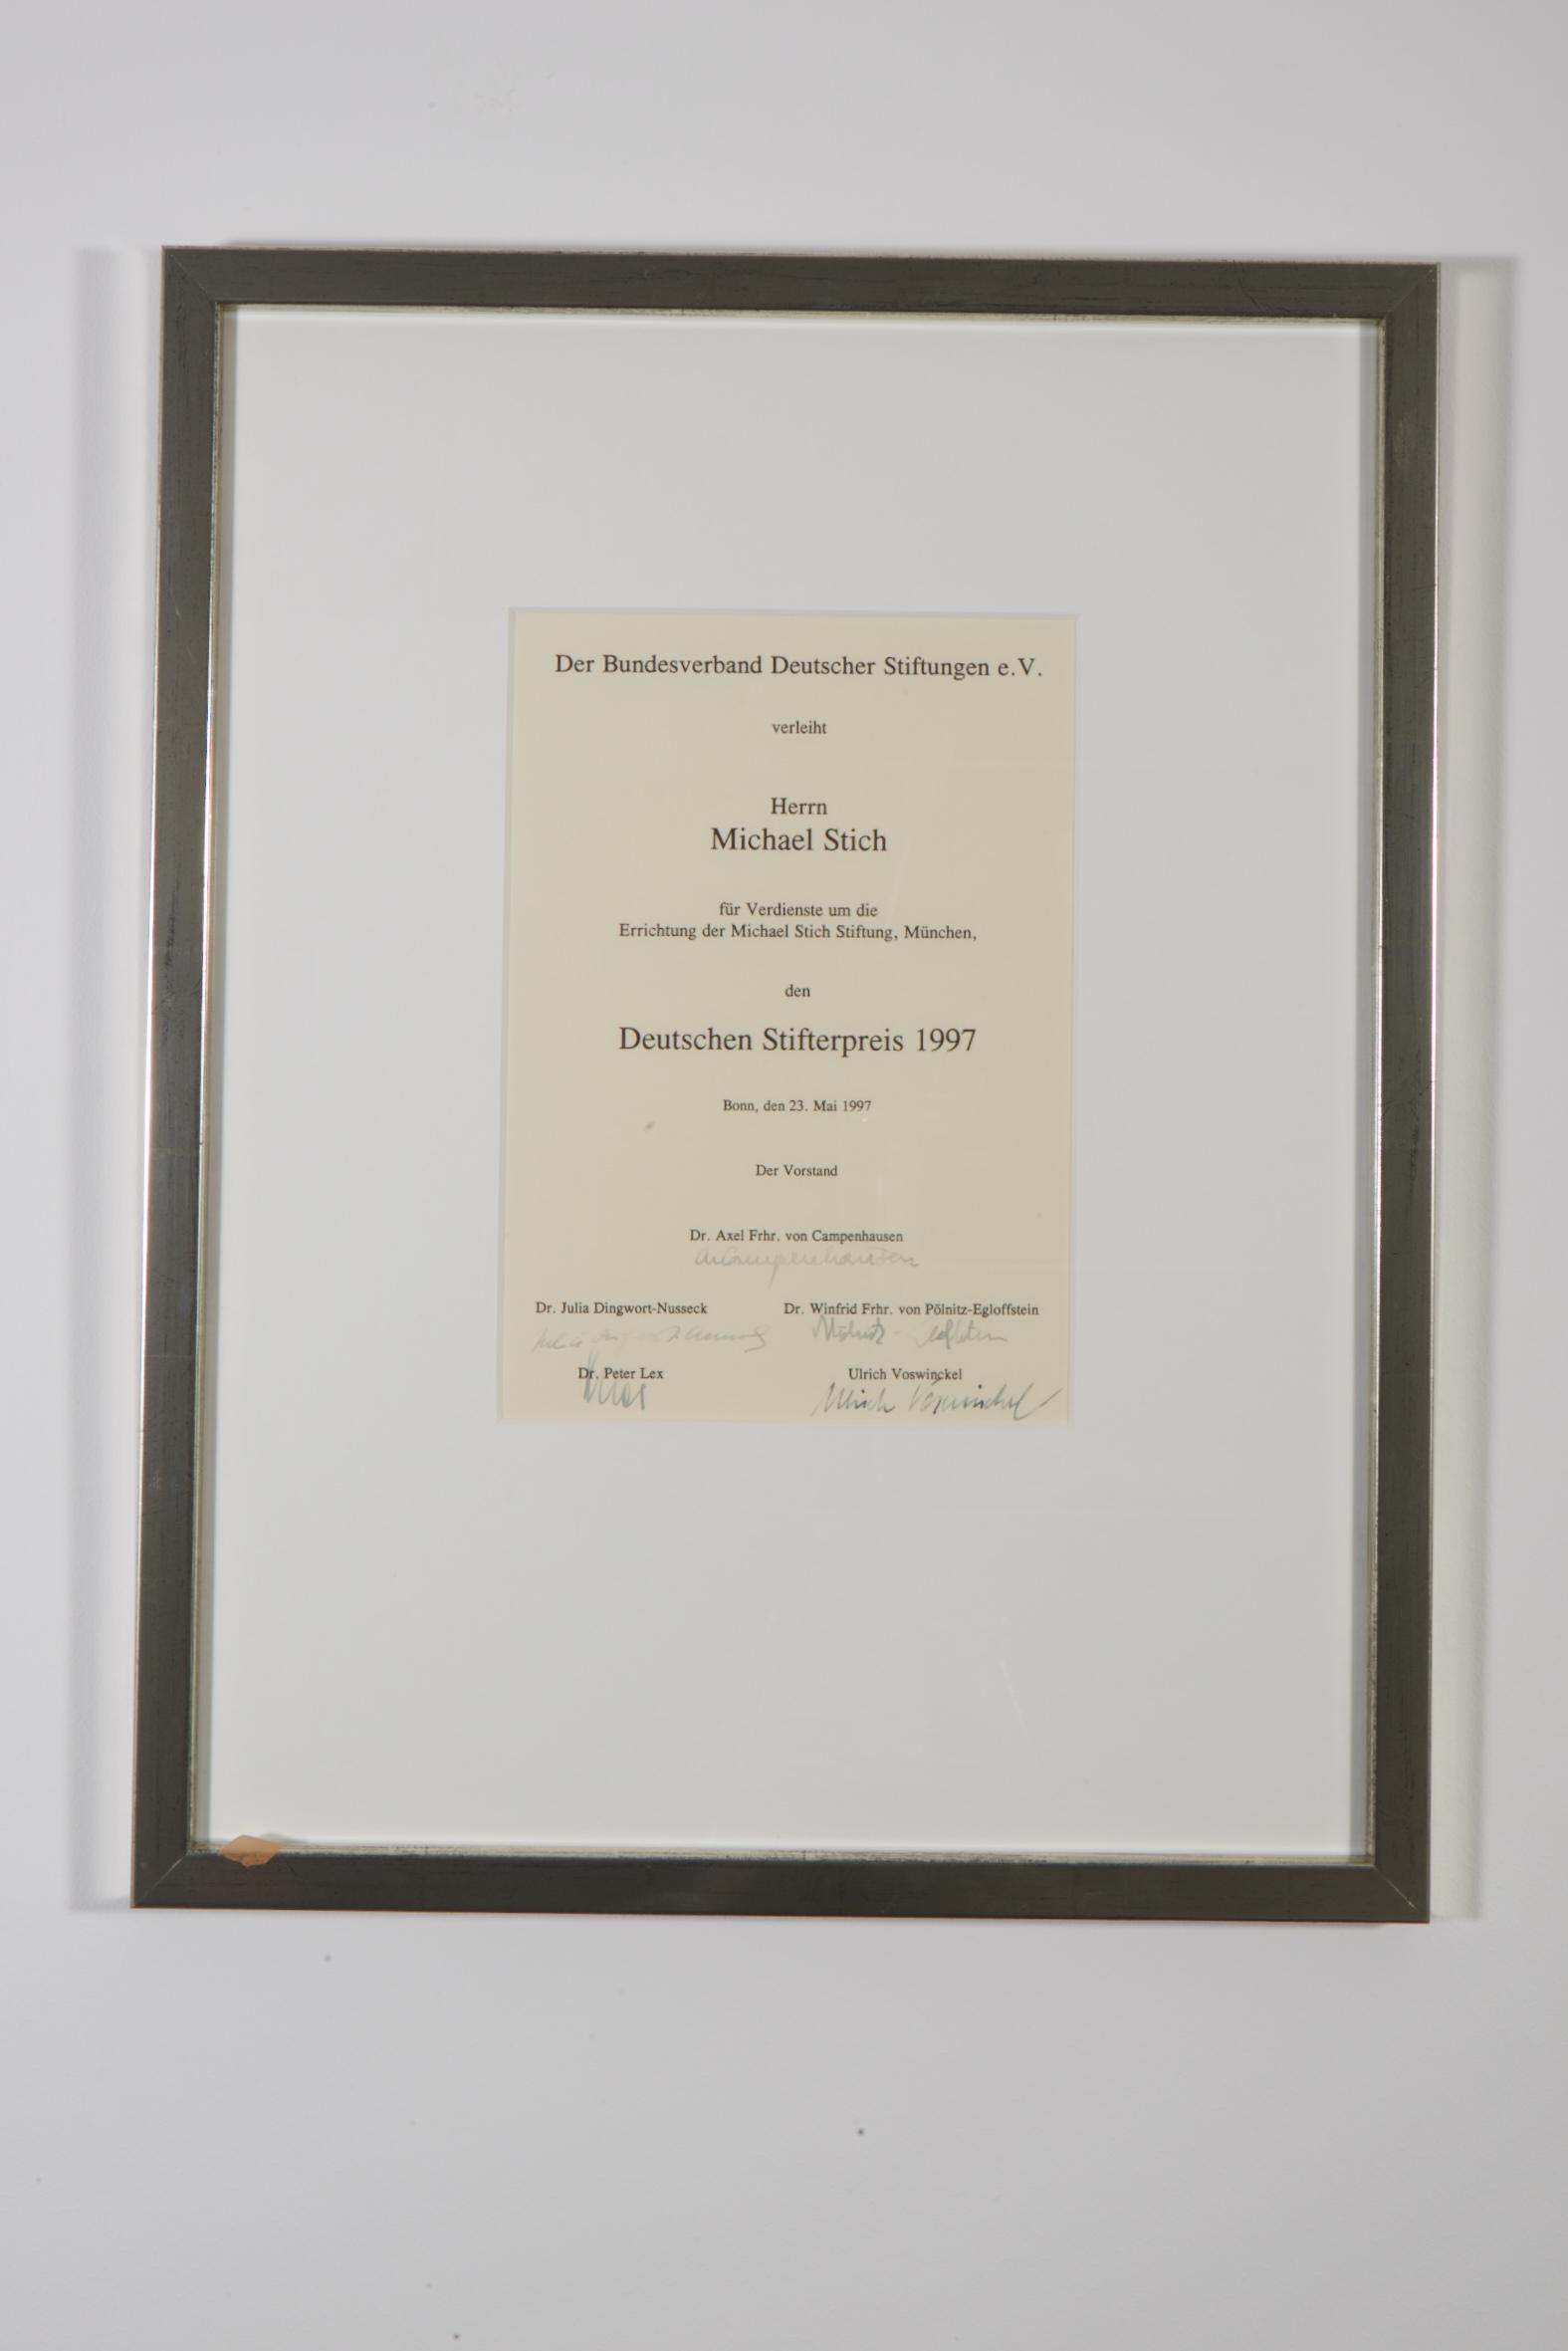 Deutscher Stifterpreis, 1997